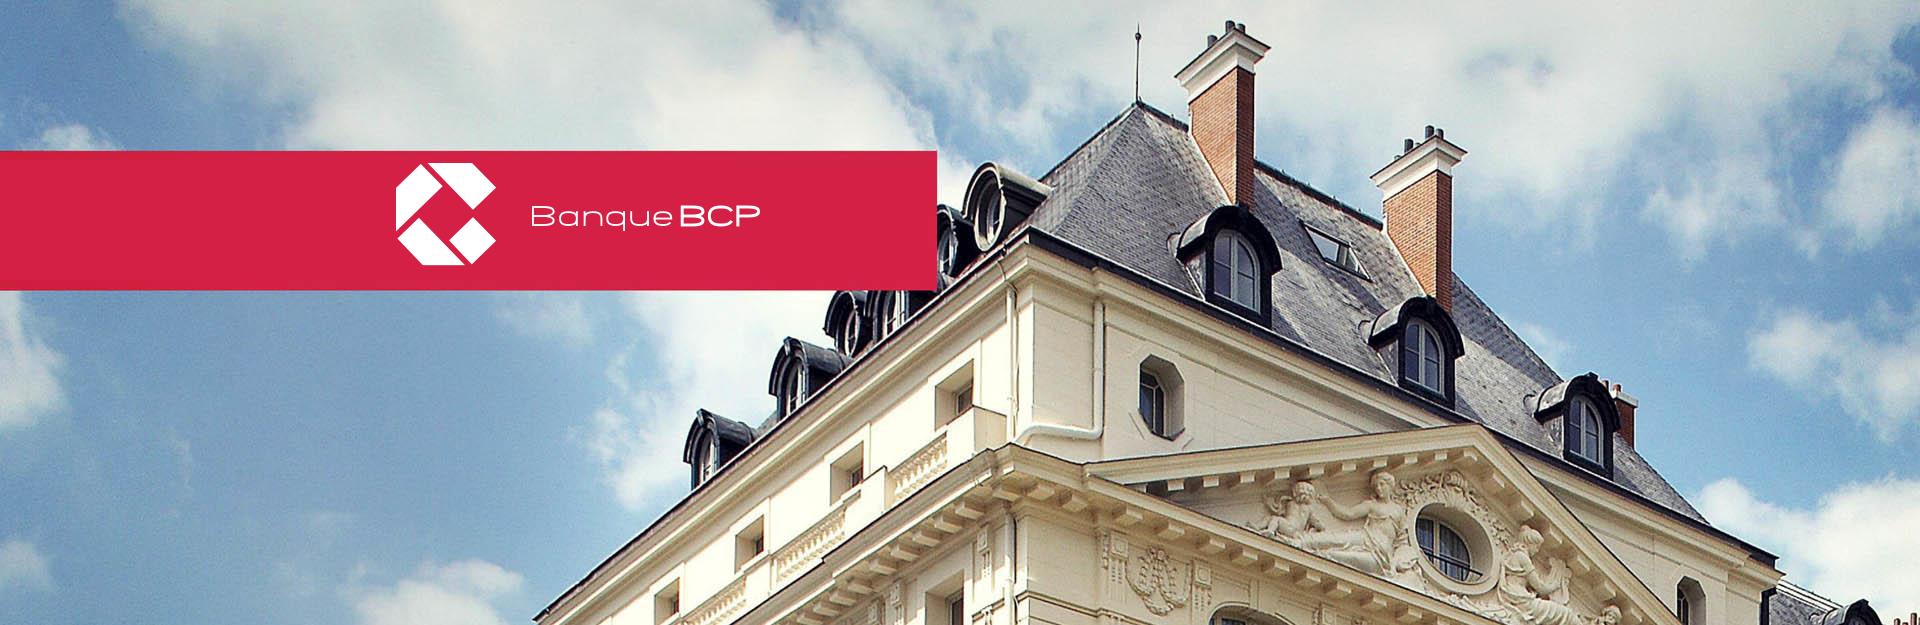 La Banque BCP à Paris parraine notre programme scientifique autour du cheval